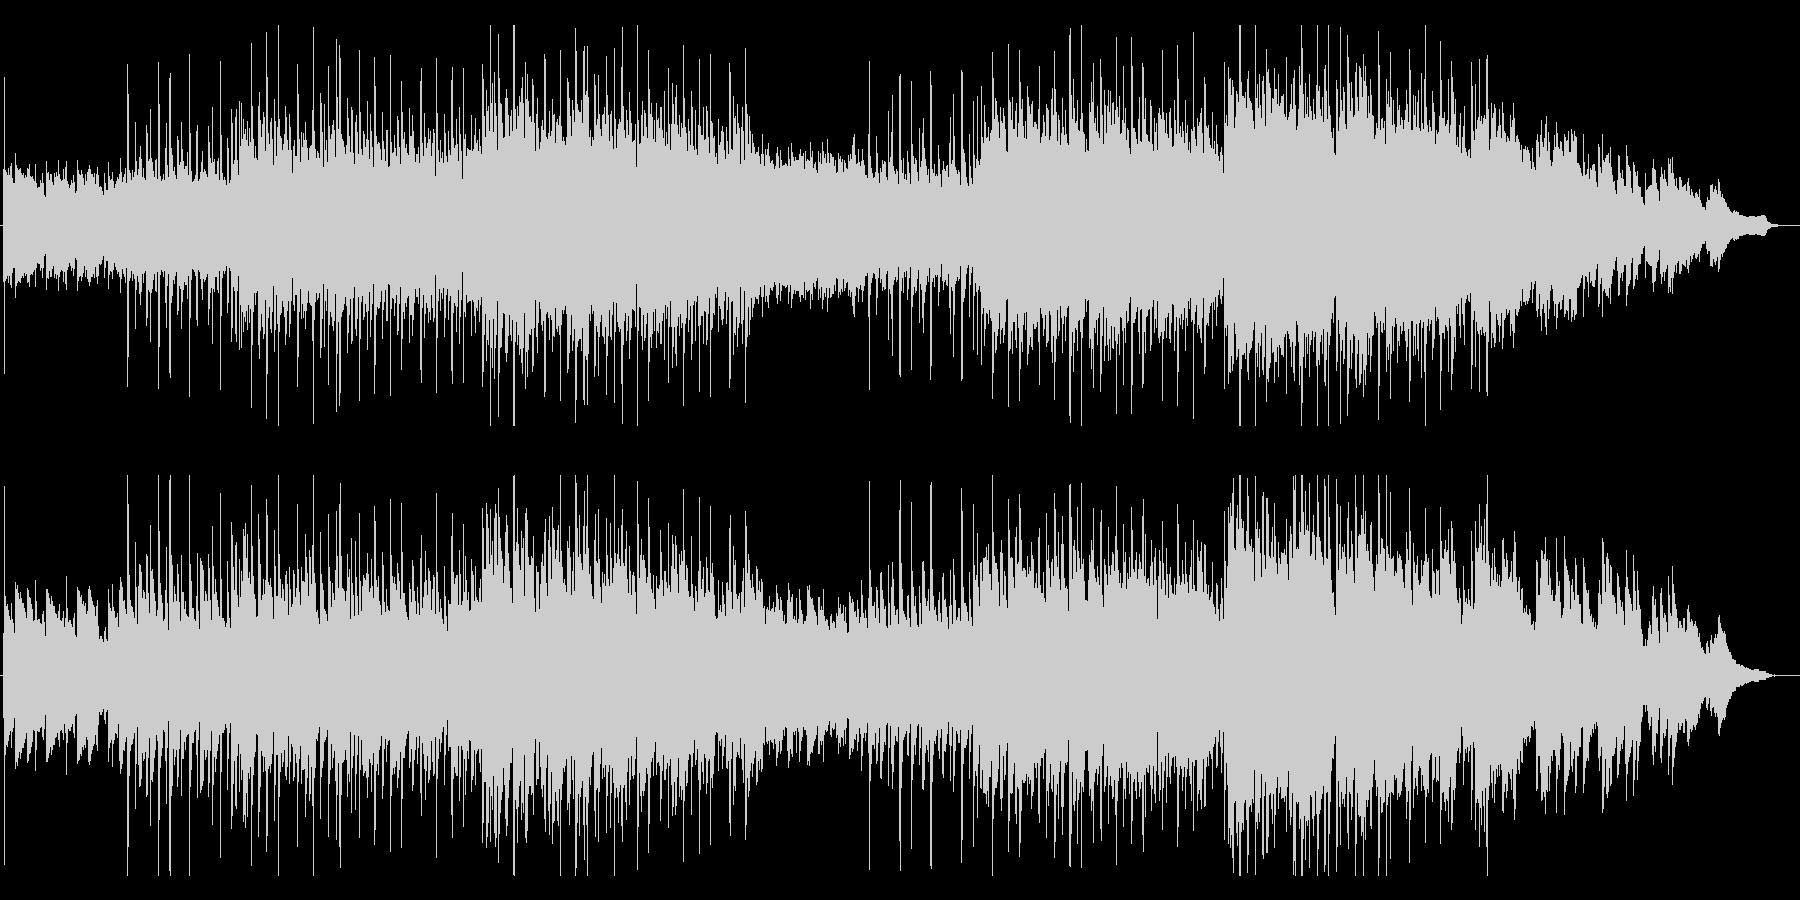 【秋】落ち葉の中の演奏家の周りで流れる曲の未再生の波形